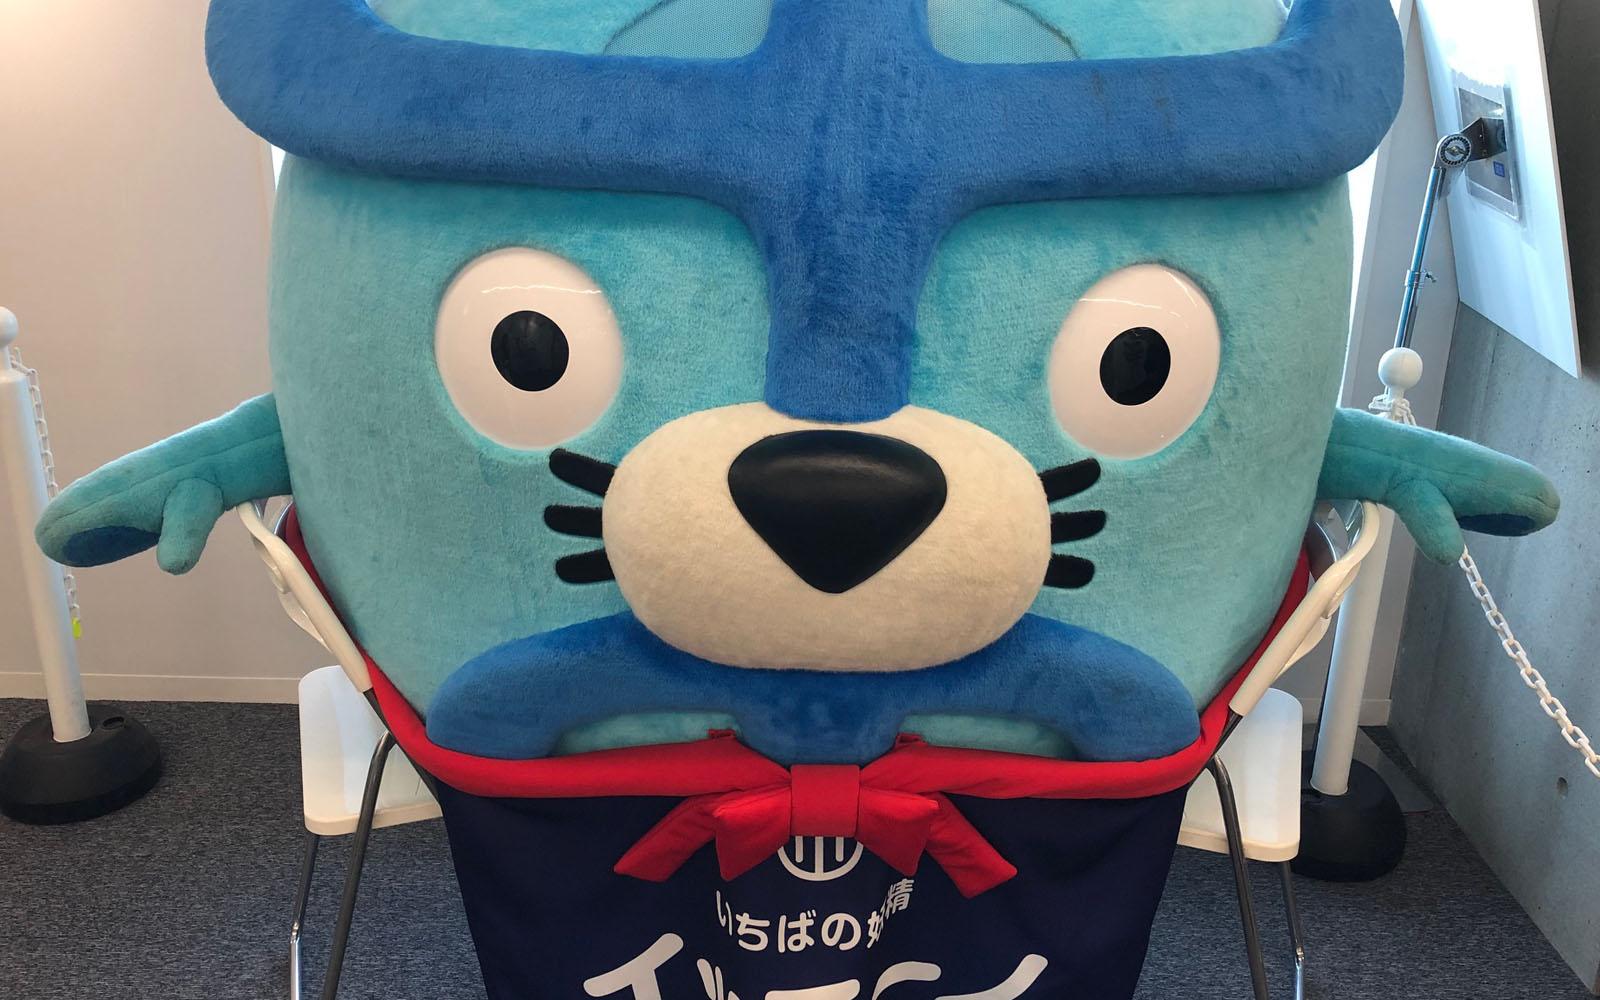 La mascotte del nuovo Mercato del Pesce.